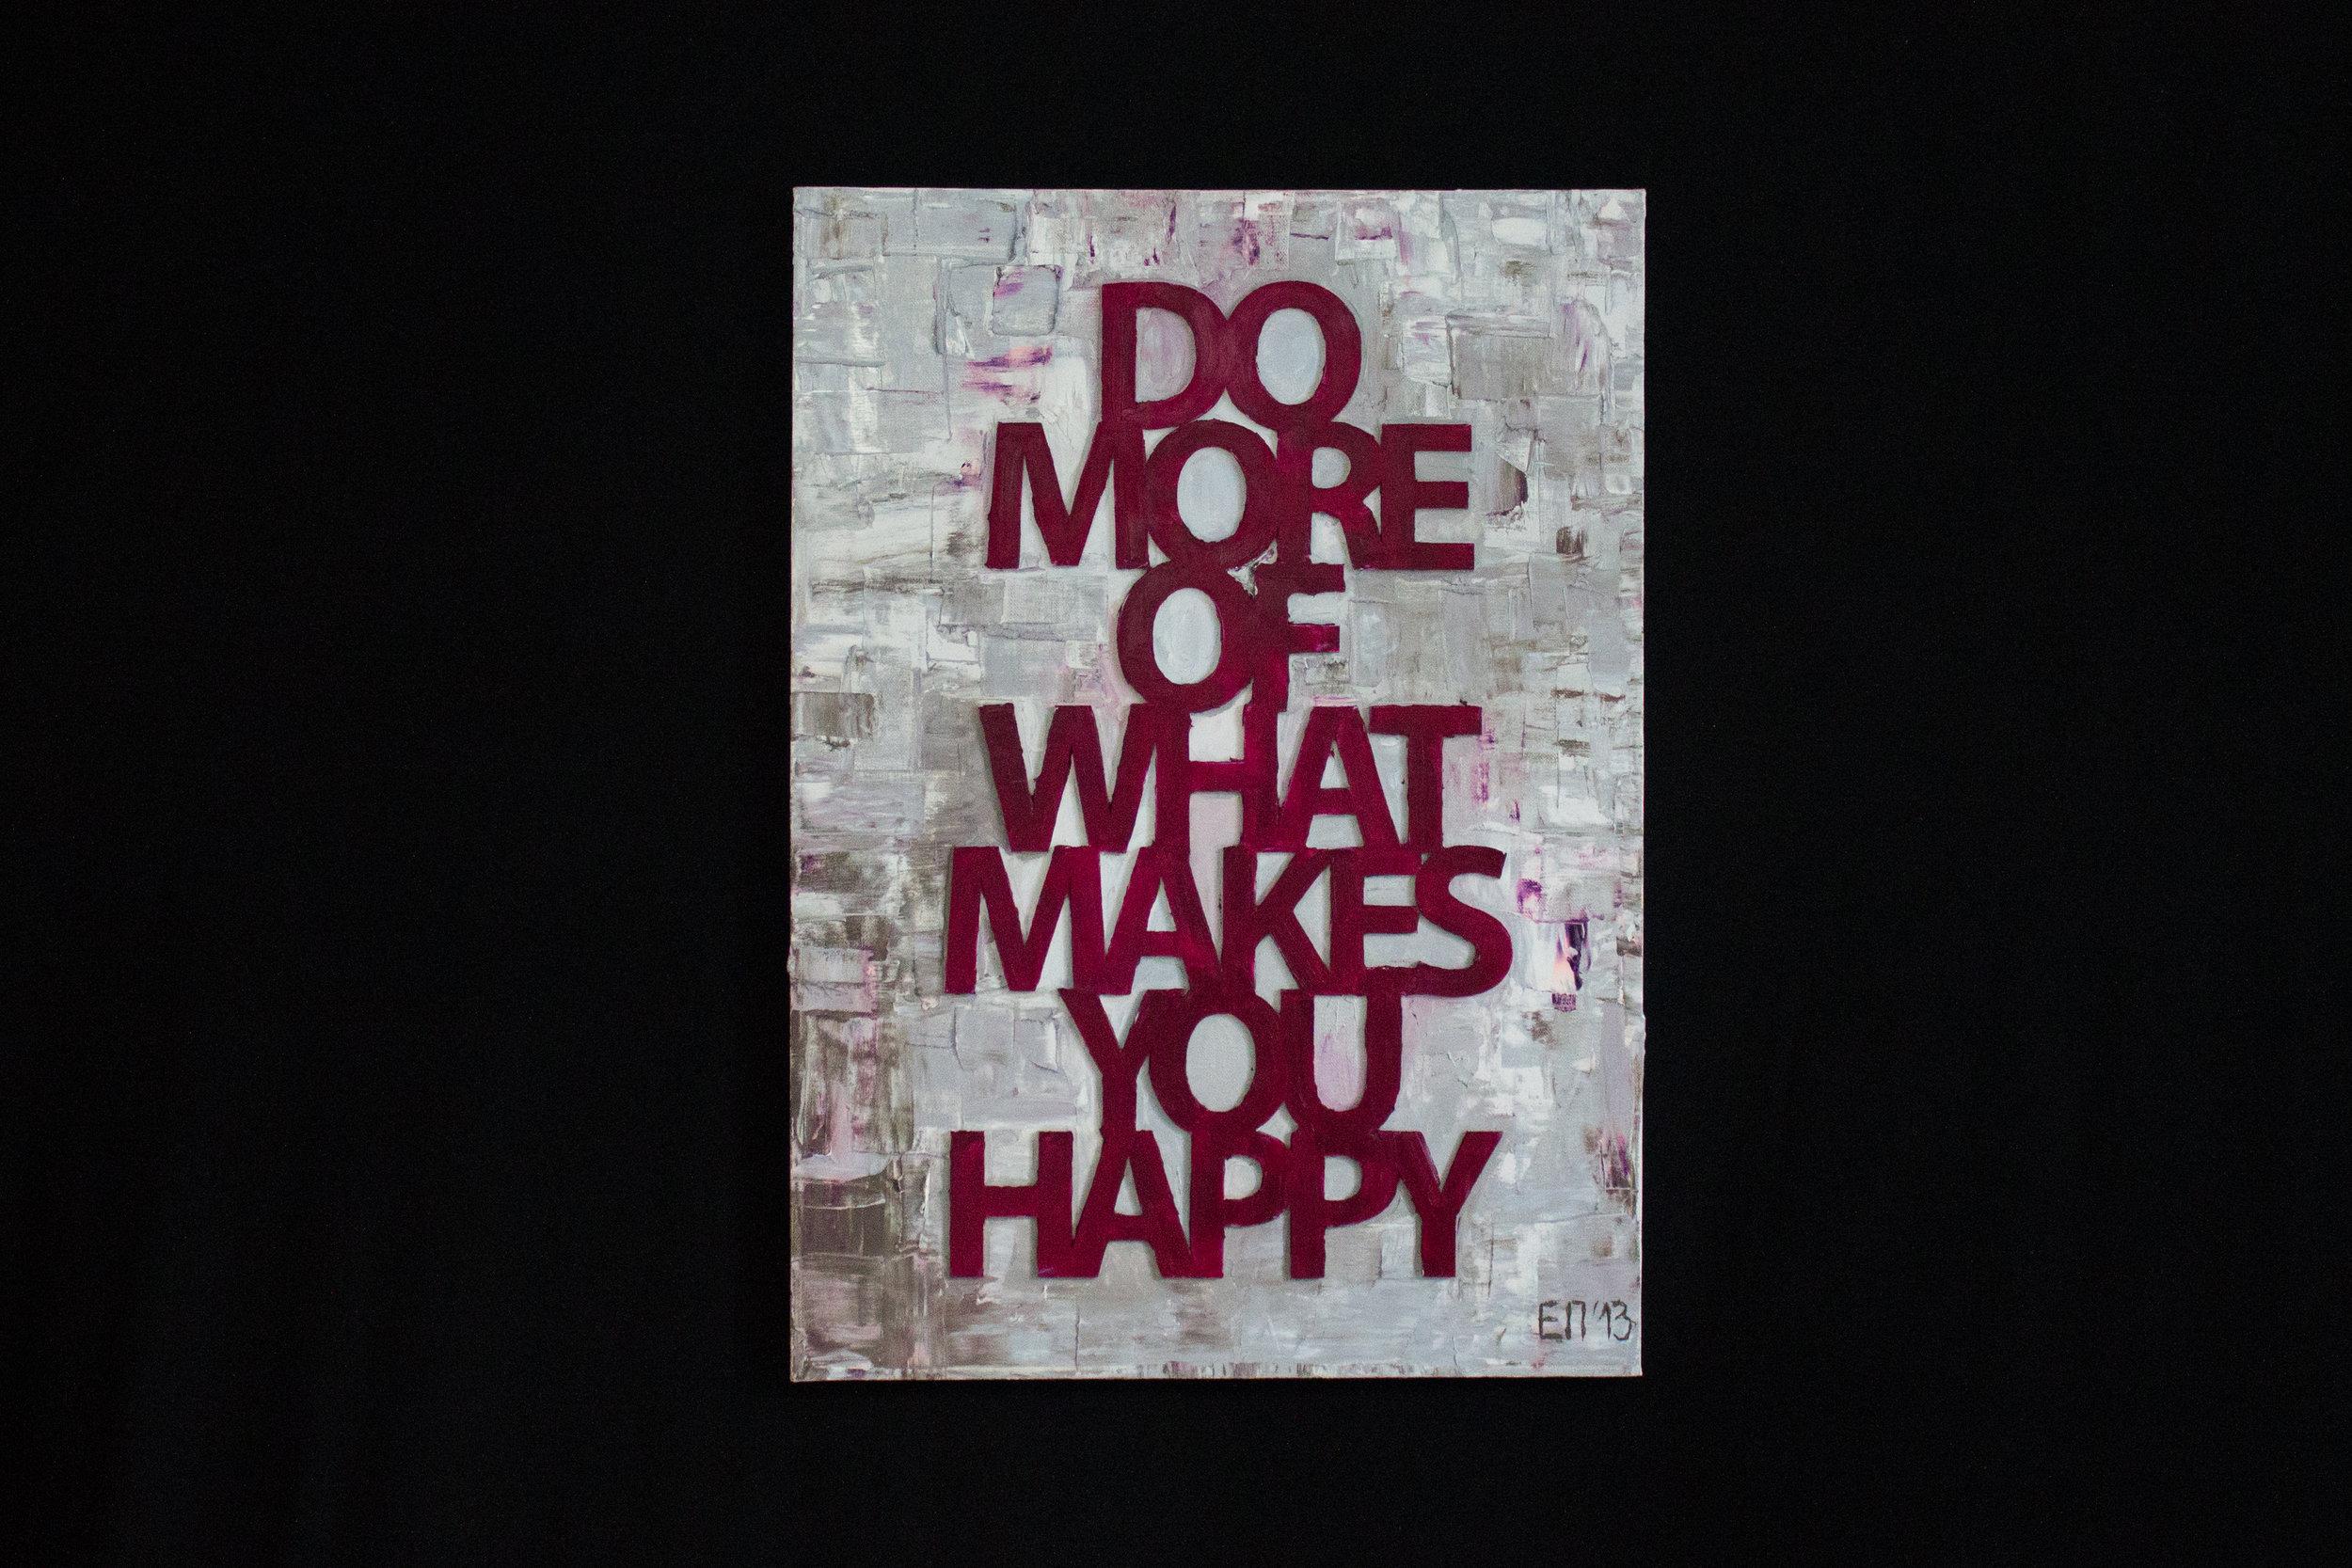 3_Happyness_black_2013 (1 von 1).jpg